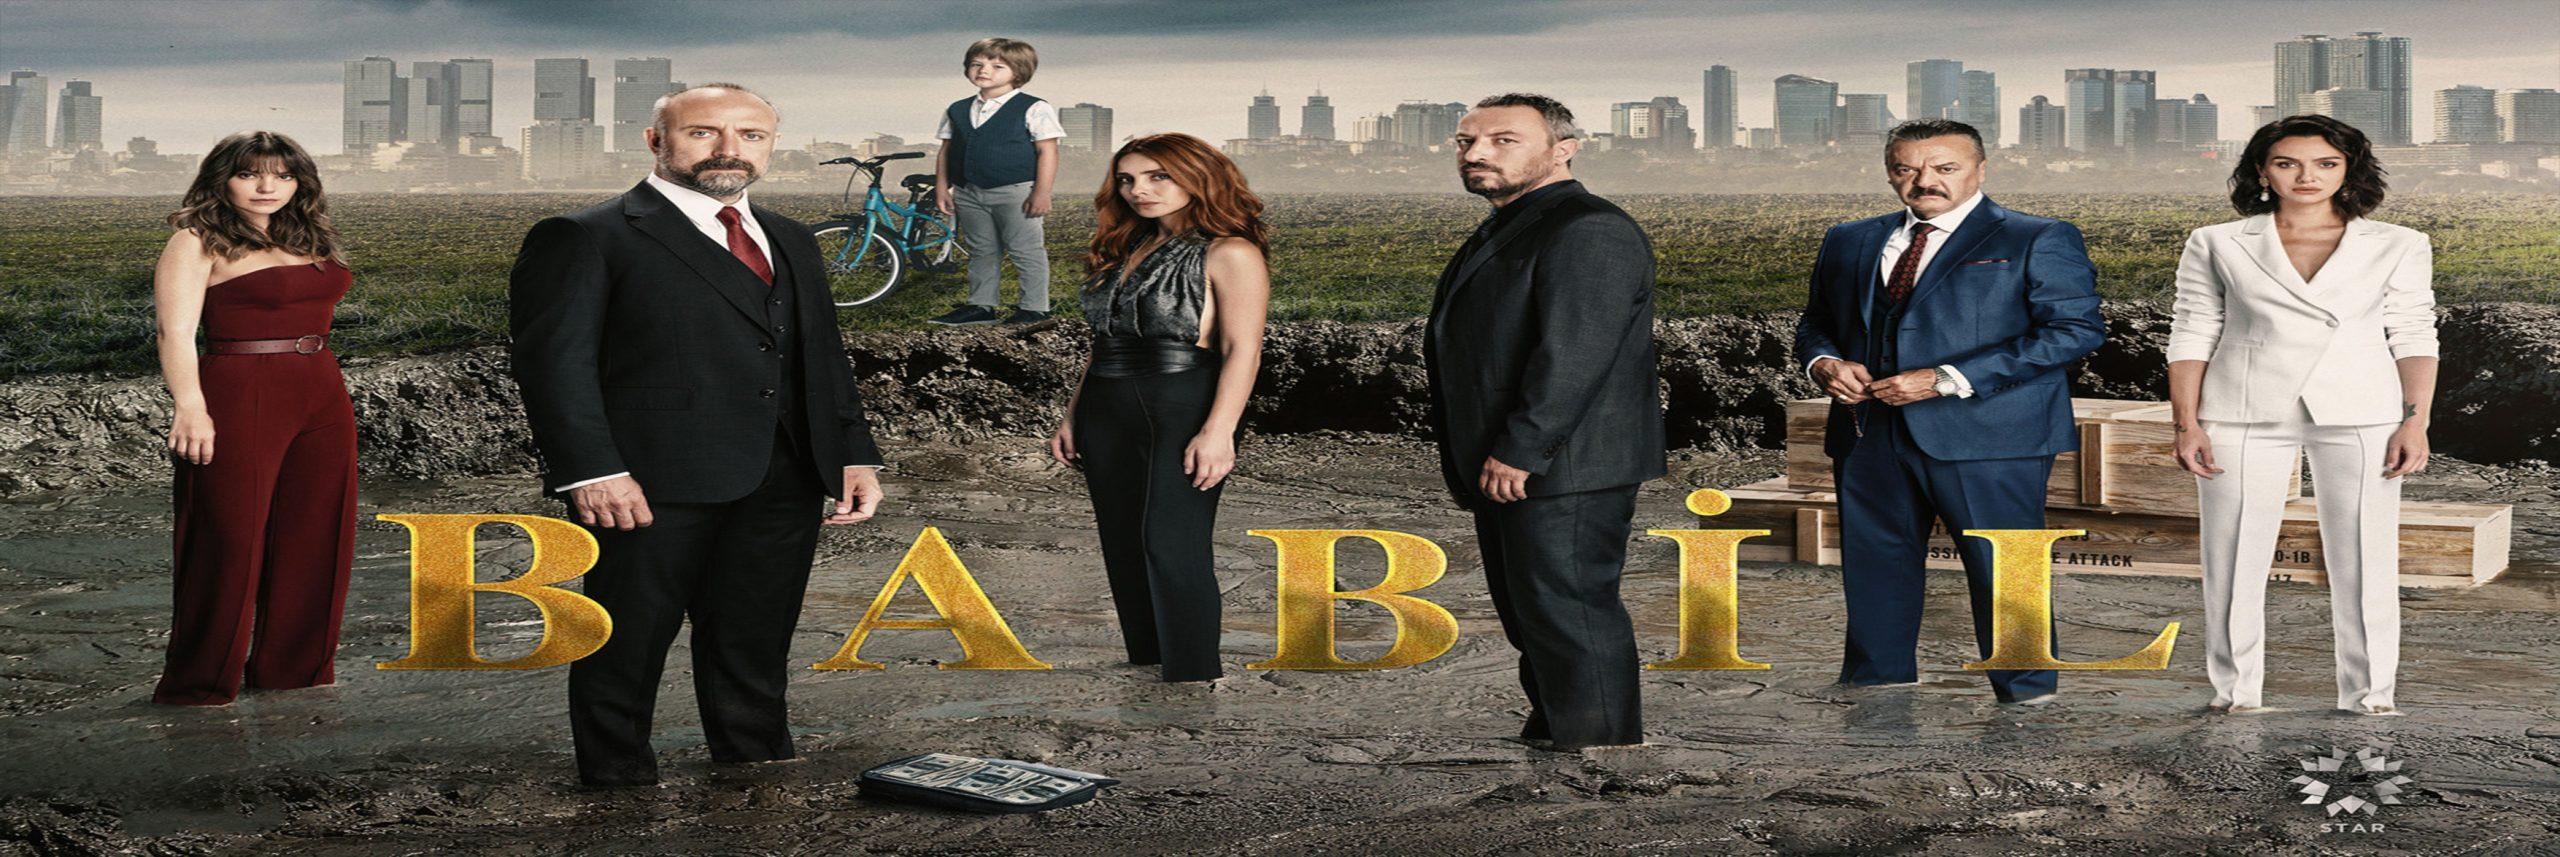 بابل – Babil